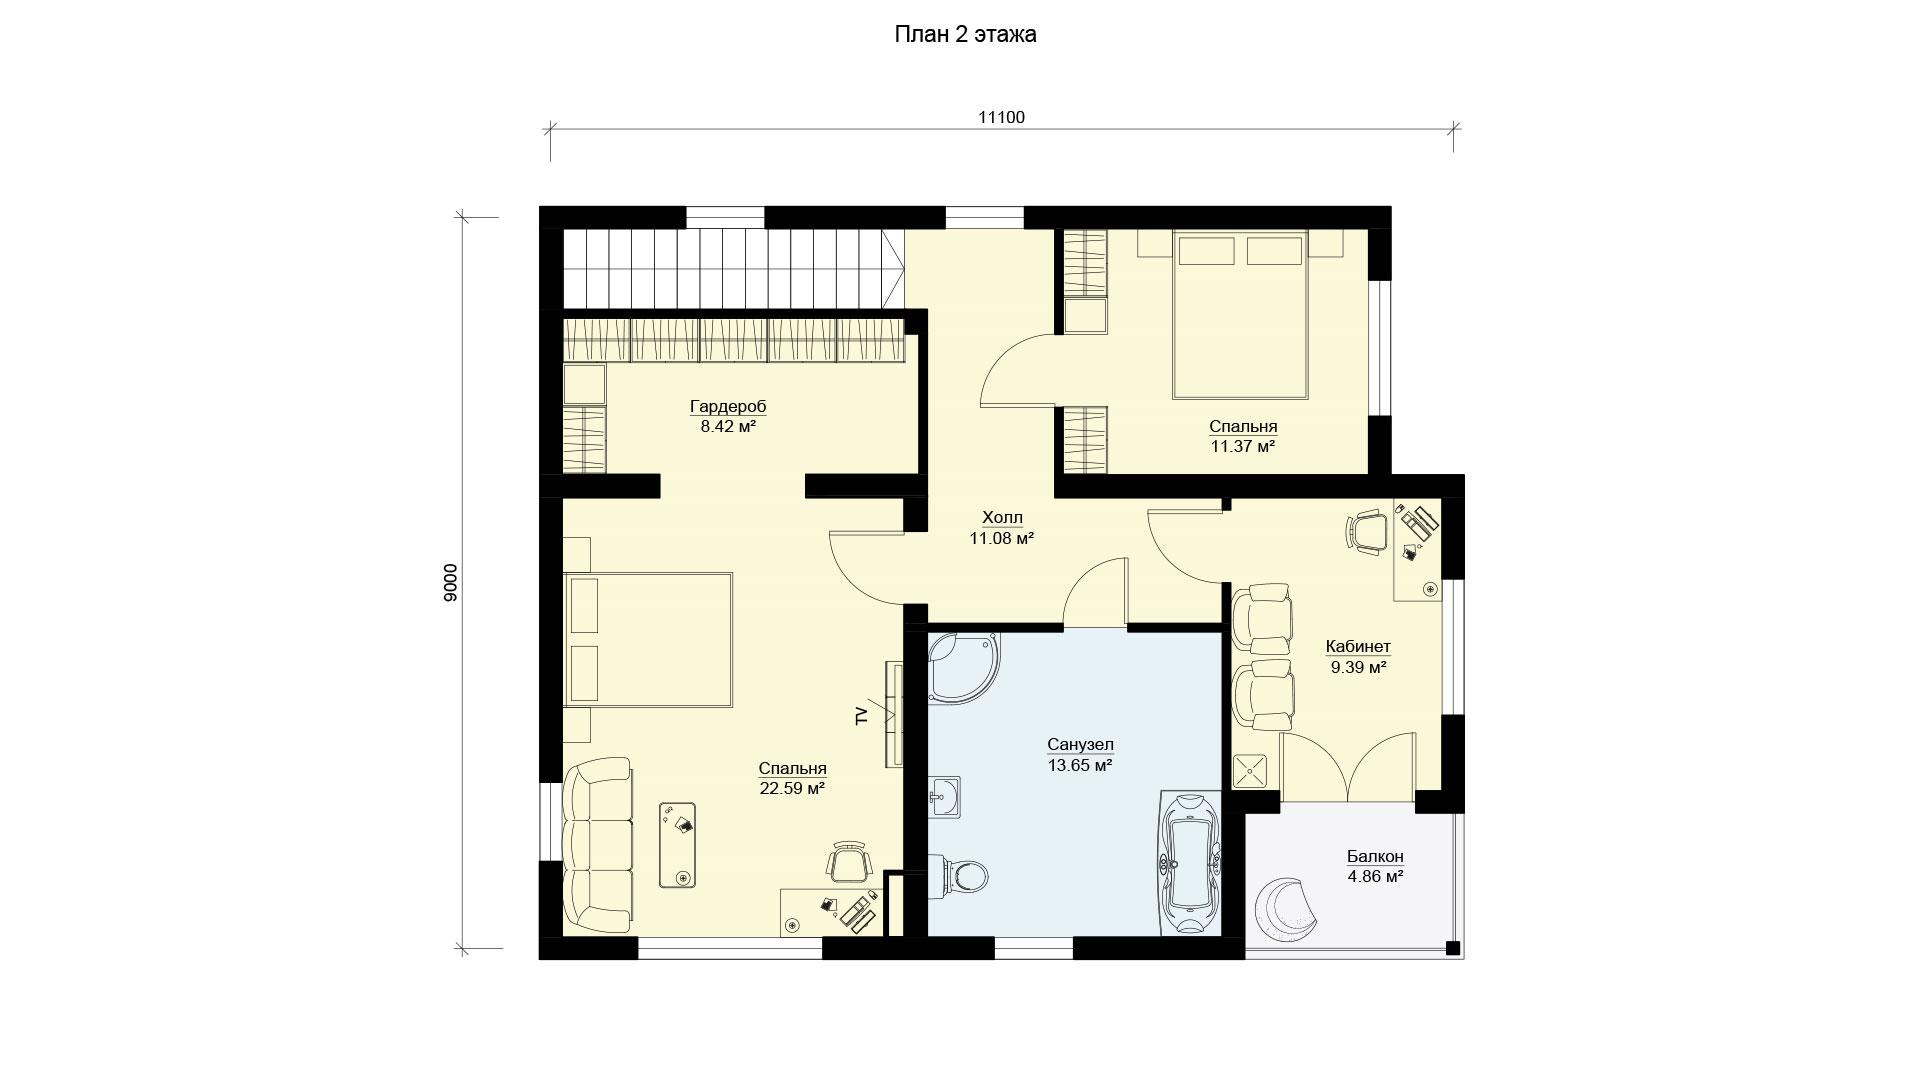 План второго этажа загородного дома 18 на 11 двухэтажного, проект БЭНПАН БП-294.